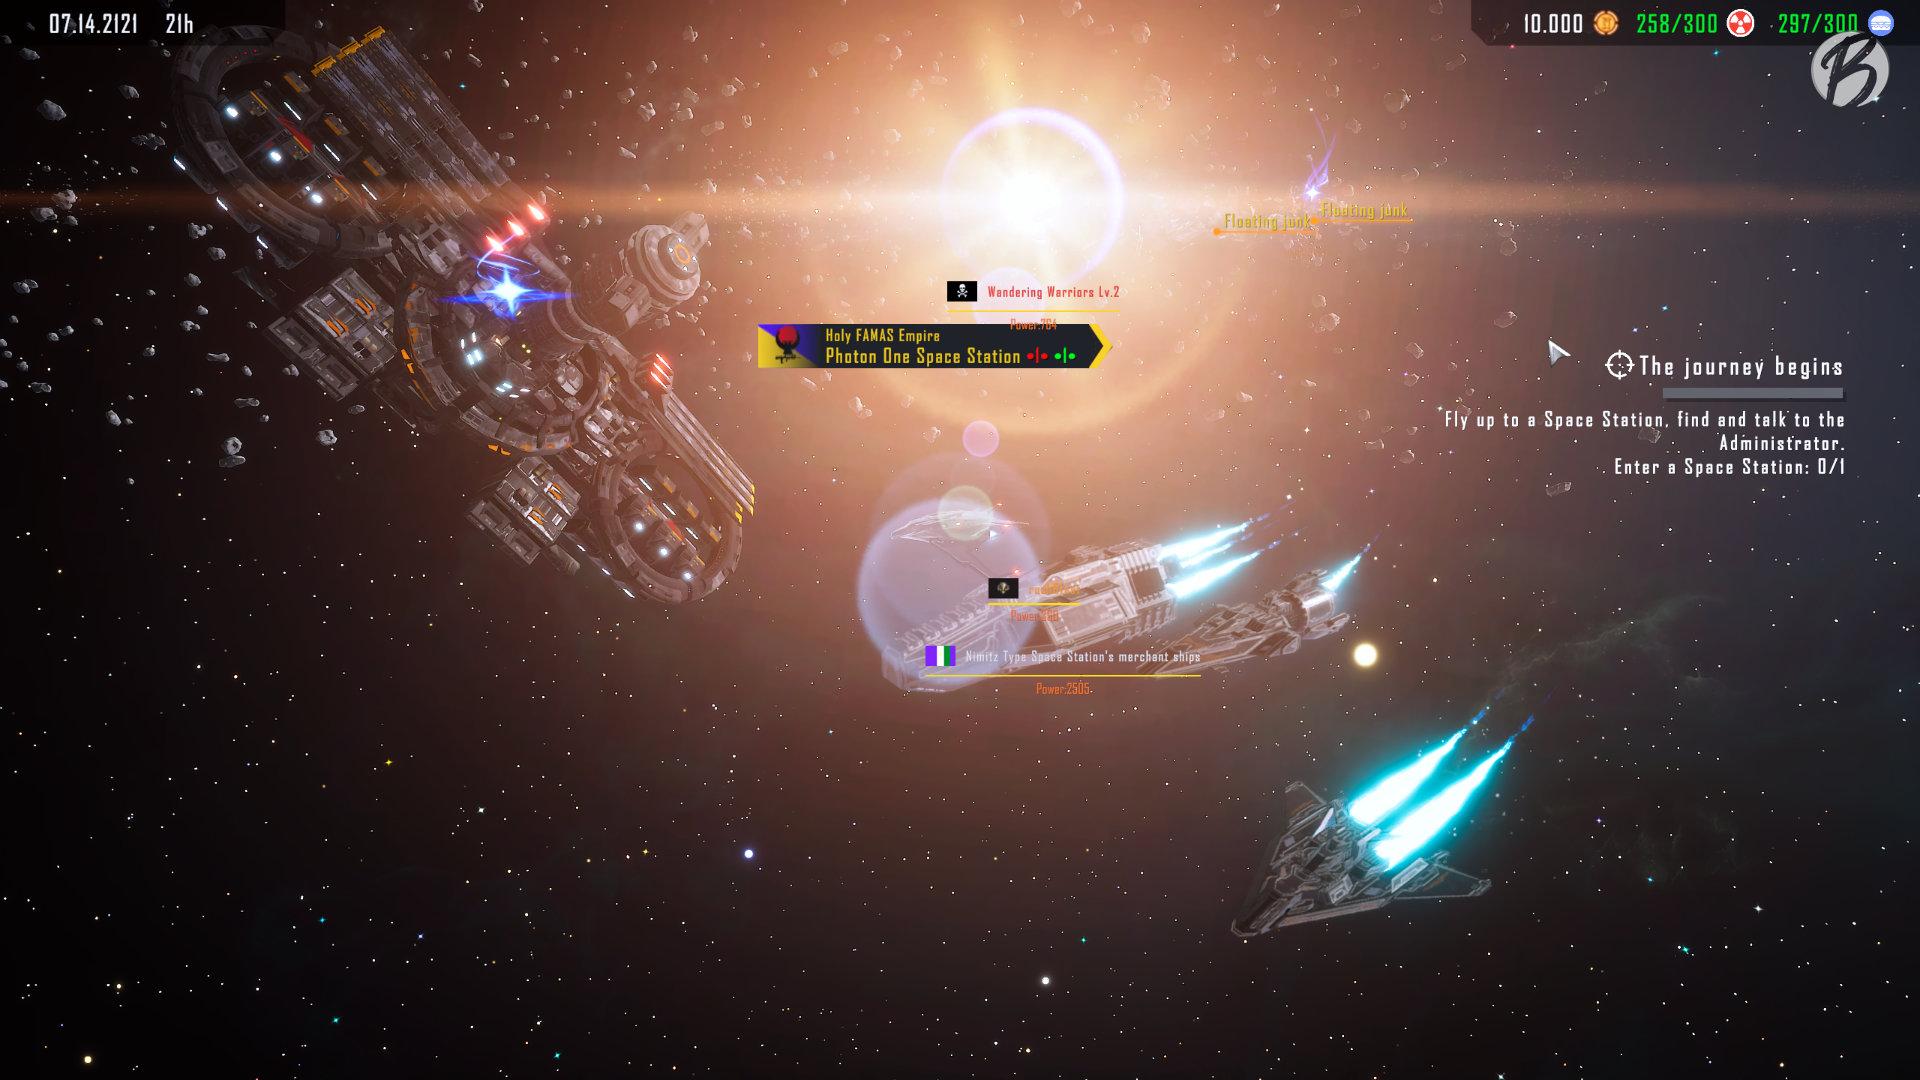 Earth From Another Sun - Über die Galaxiekarte bewegen wir unsere Flotte von einem Ereignis zum nächsten.